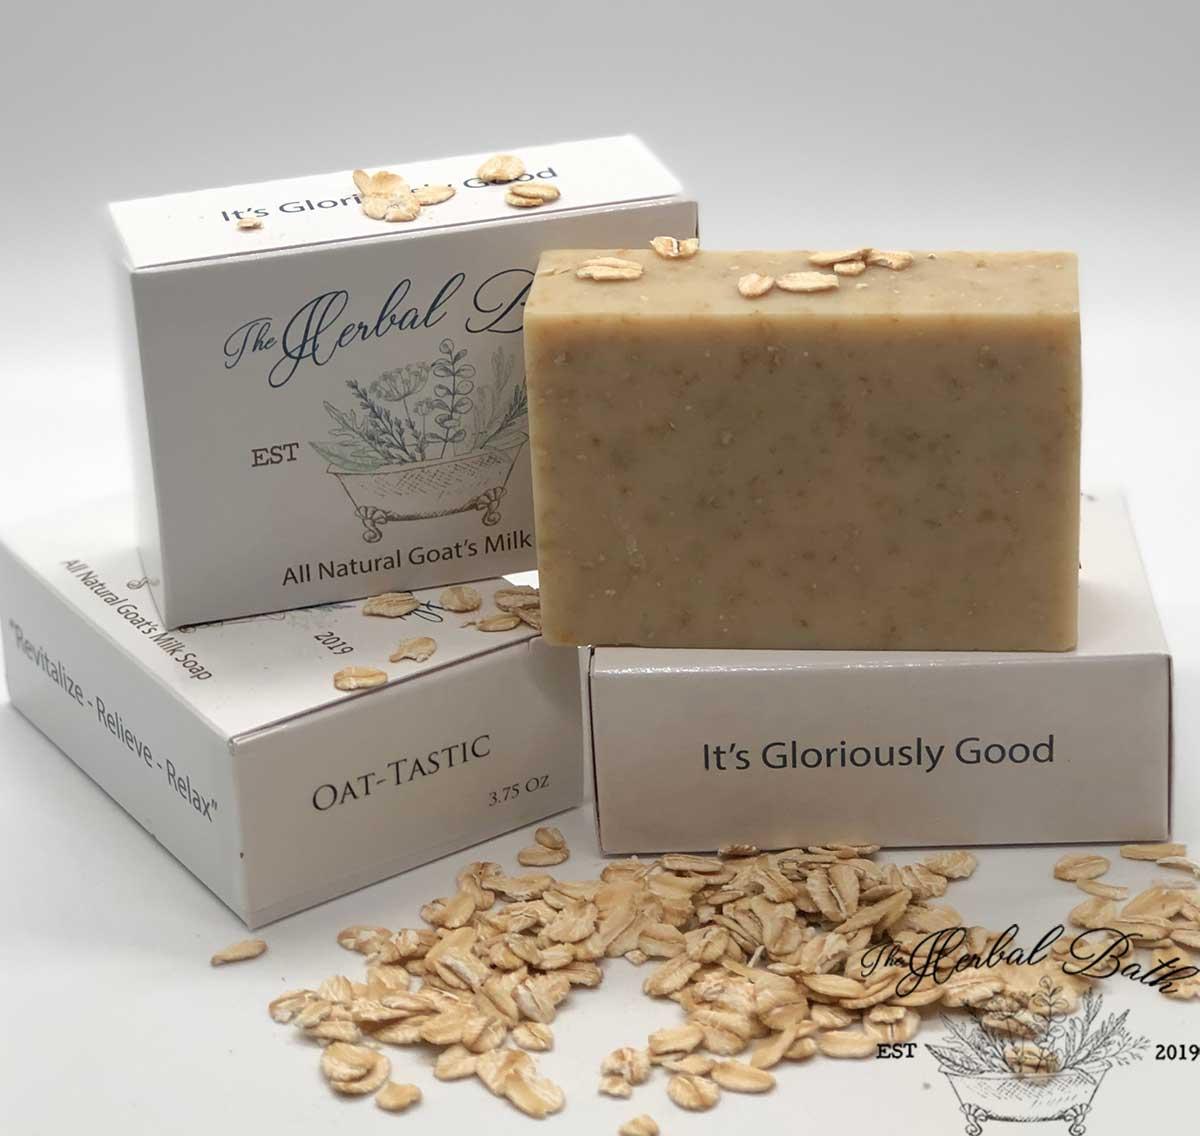 Oat - tastic soap